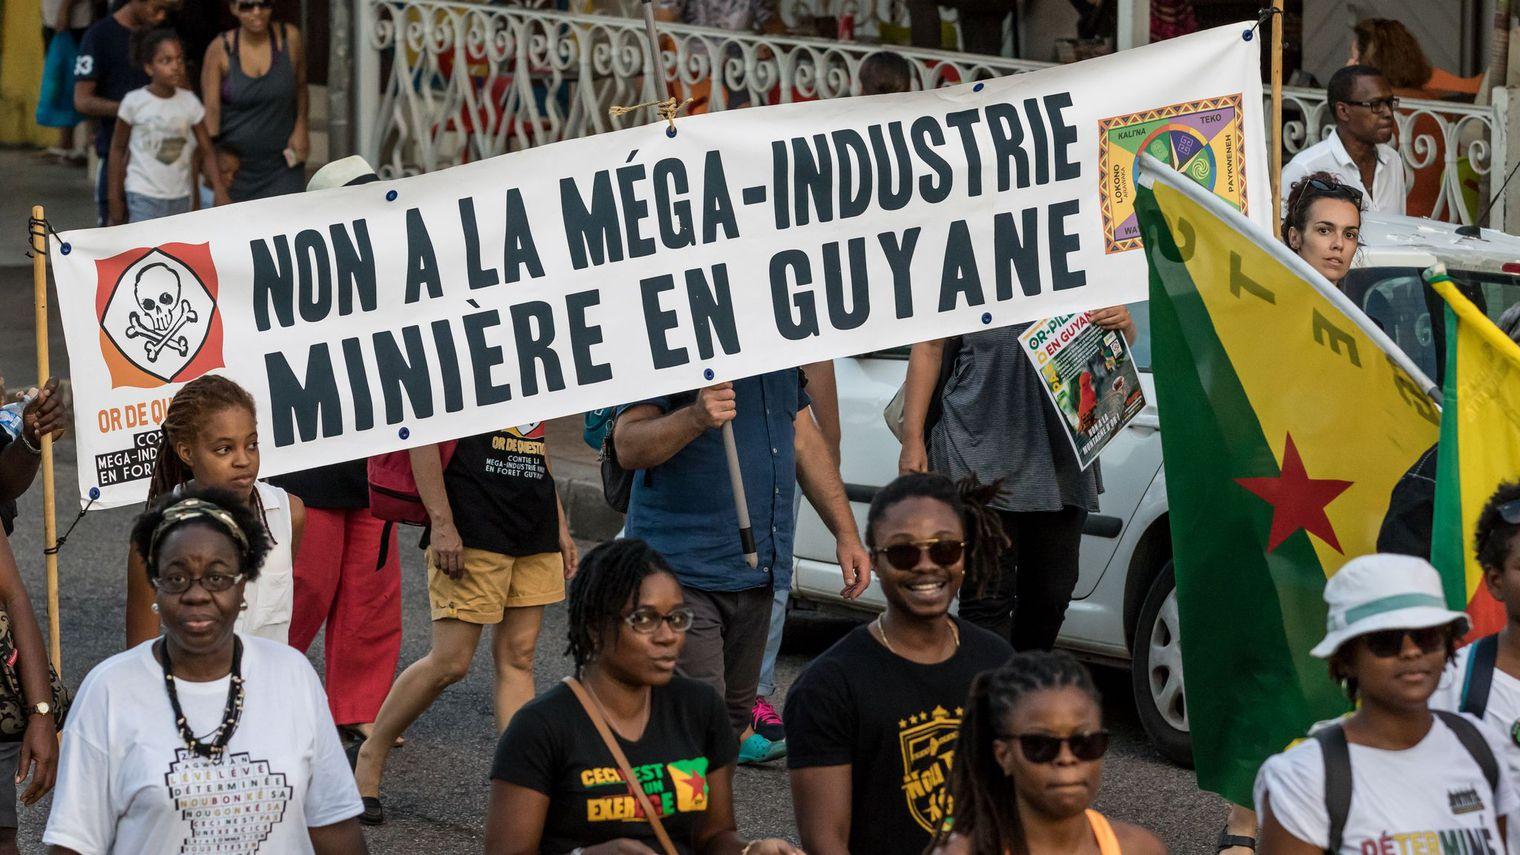 Selon le sondage WWF (Ifop), sur 608 personnes, 69% des personnes interrogées se disent opposées à la mine et 81% la perçoivent comme un risque environnemental ©Jody Amiet / AFP